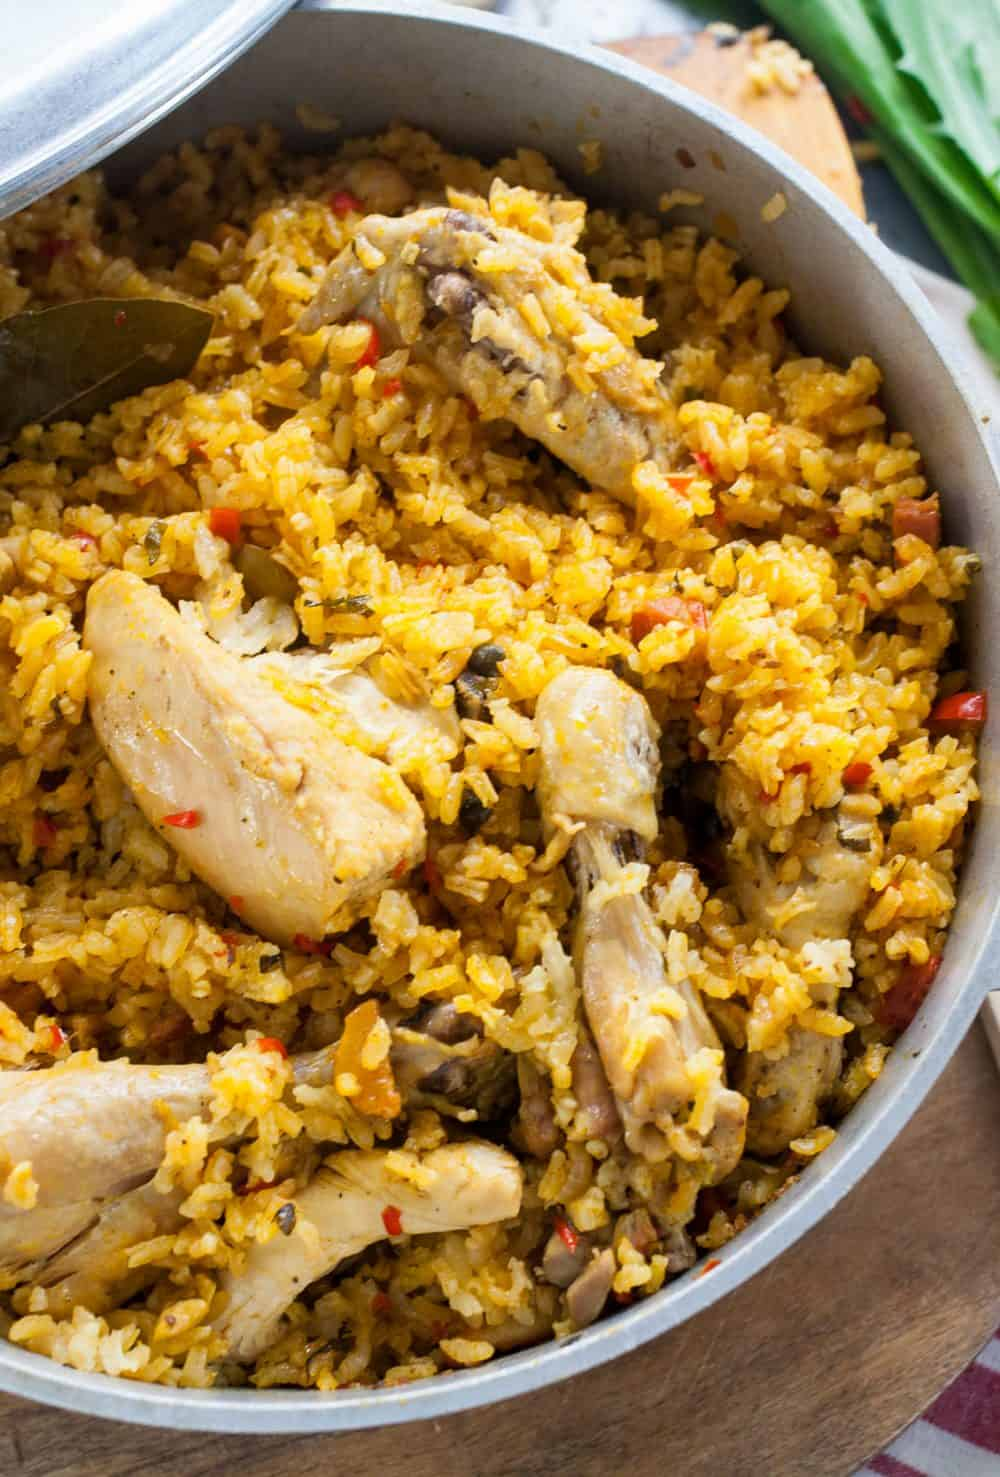 Arroz con Pollo (Chicken and Rice) - TheNoshery.com